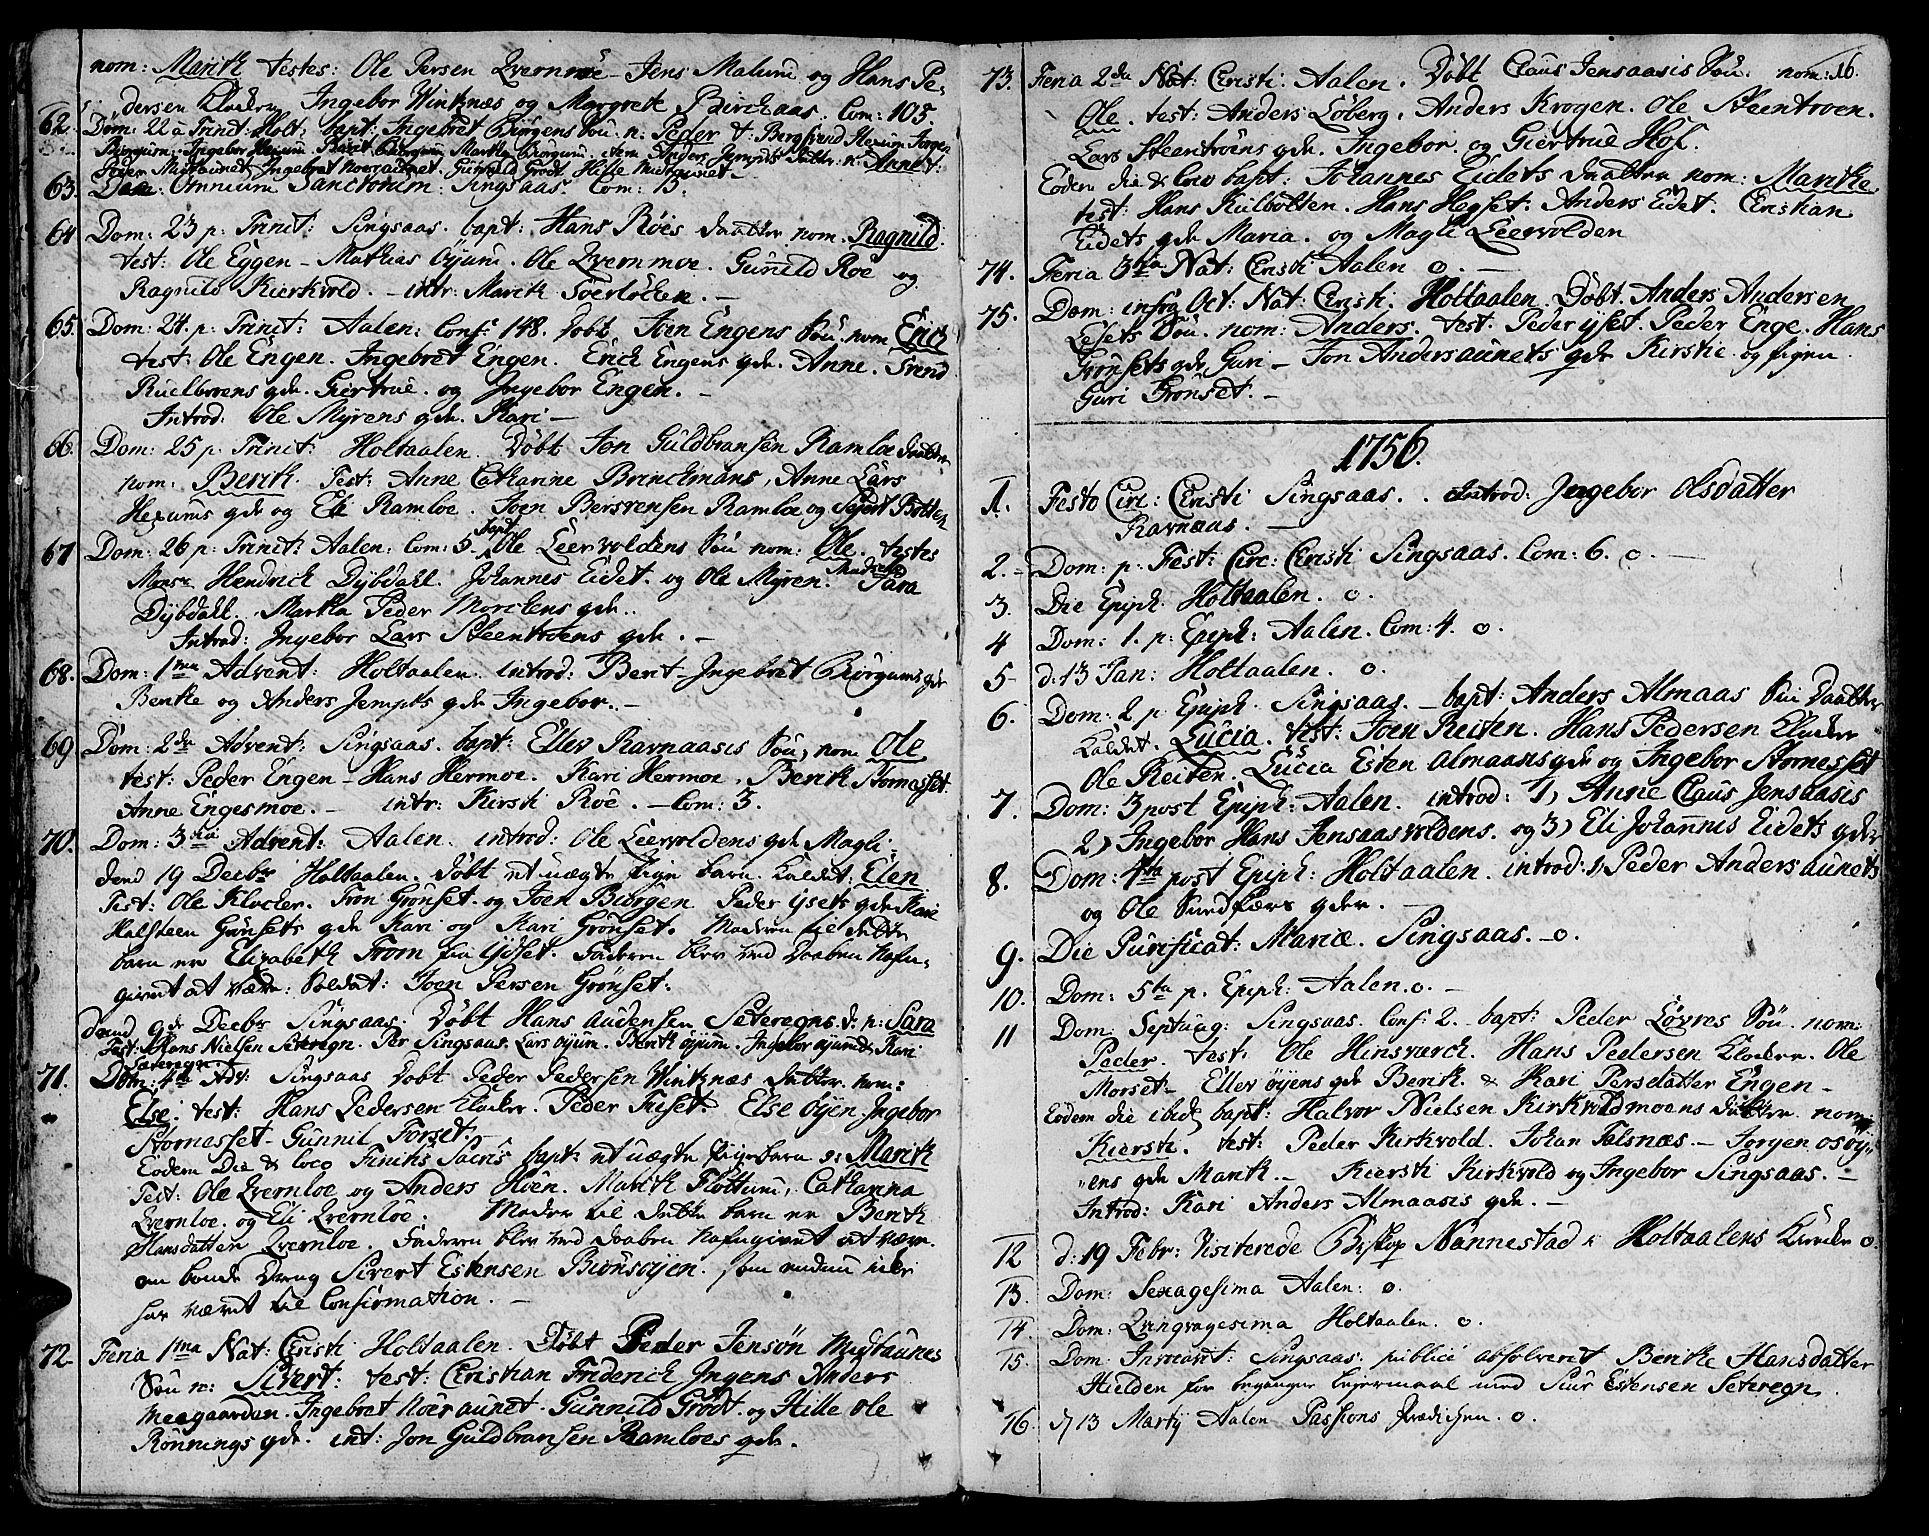 SAT, Ministerialprotokoller, klokkerbøker og fødselsregistre - Sør-Trøndelag, 685/L0952: Ministerialbok nr. 685A01, 1745-1804, s. 16